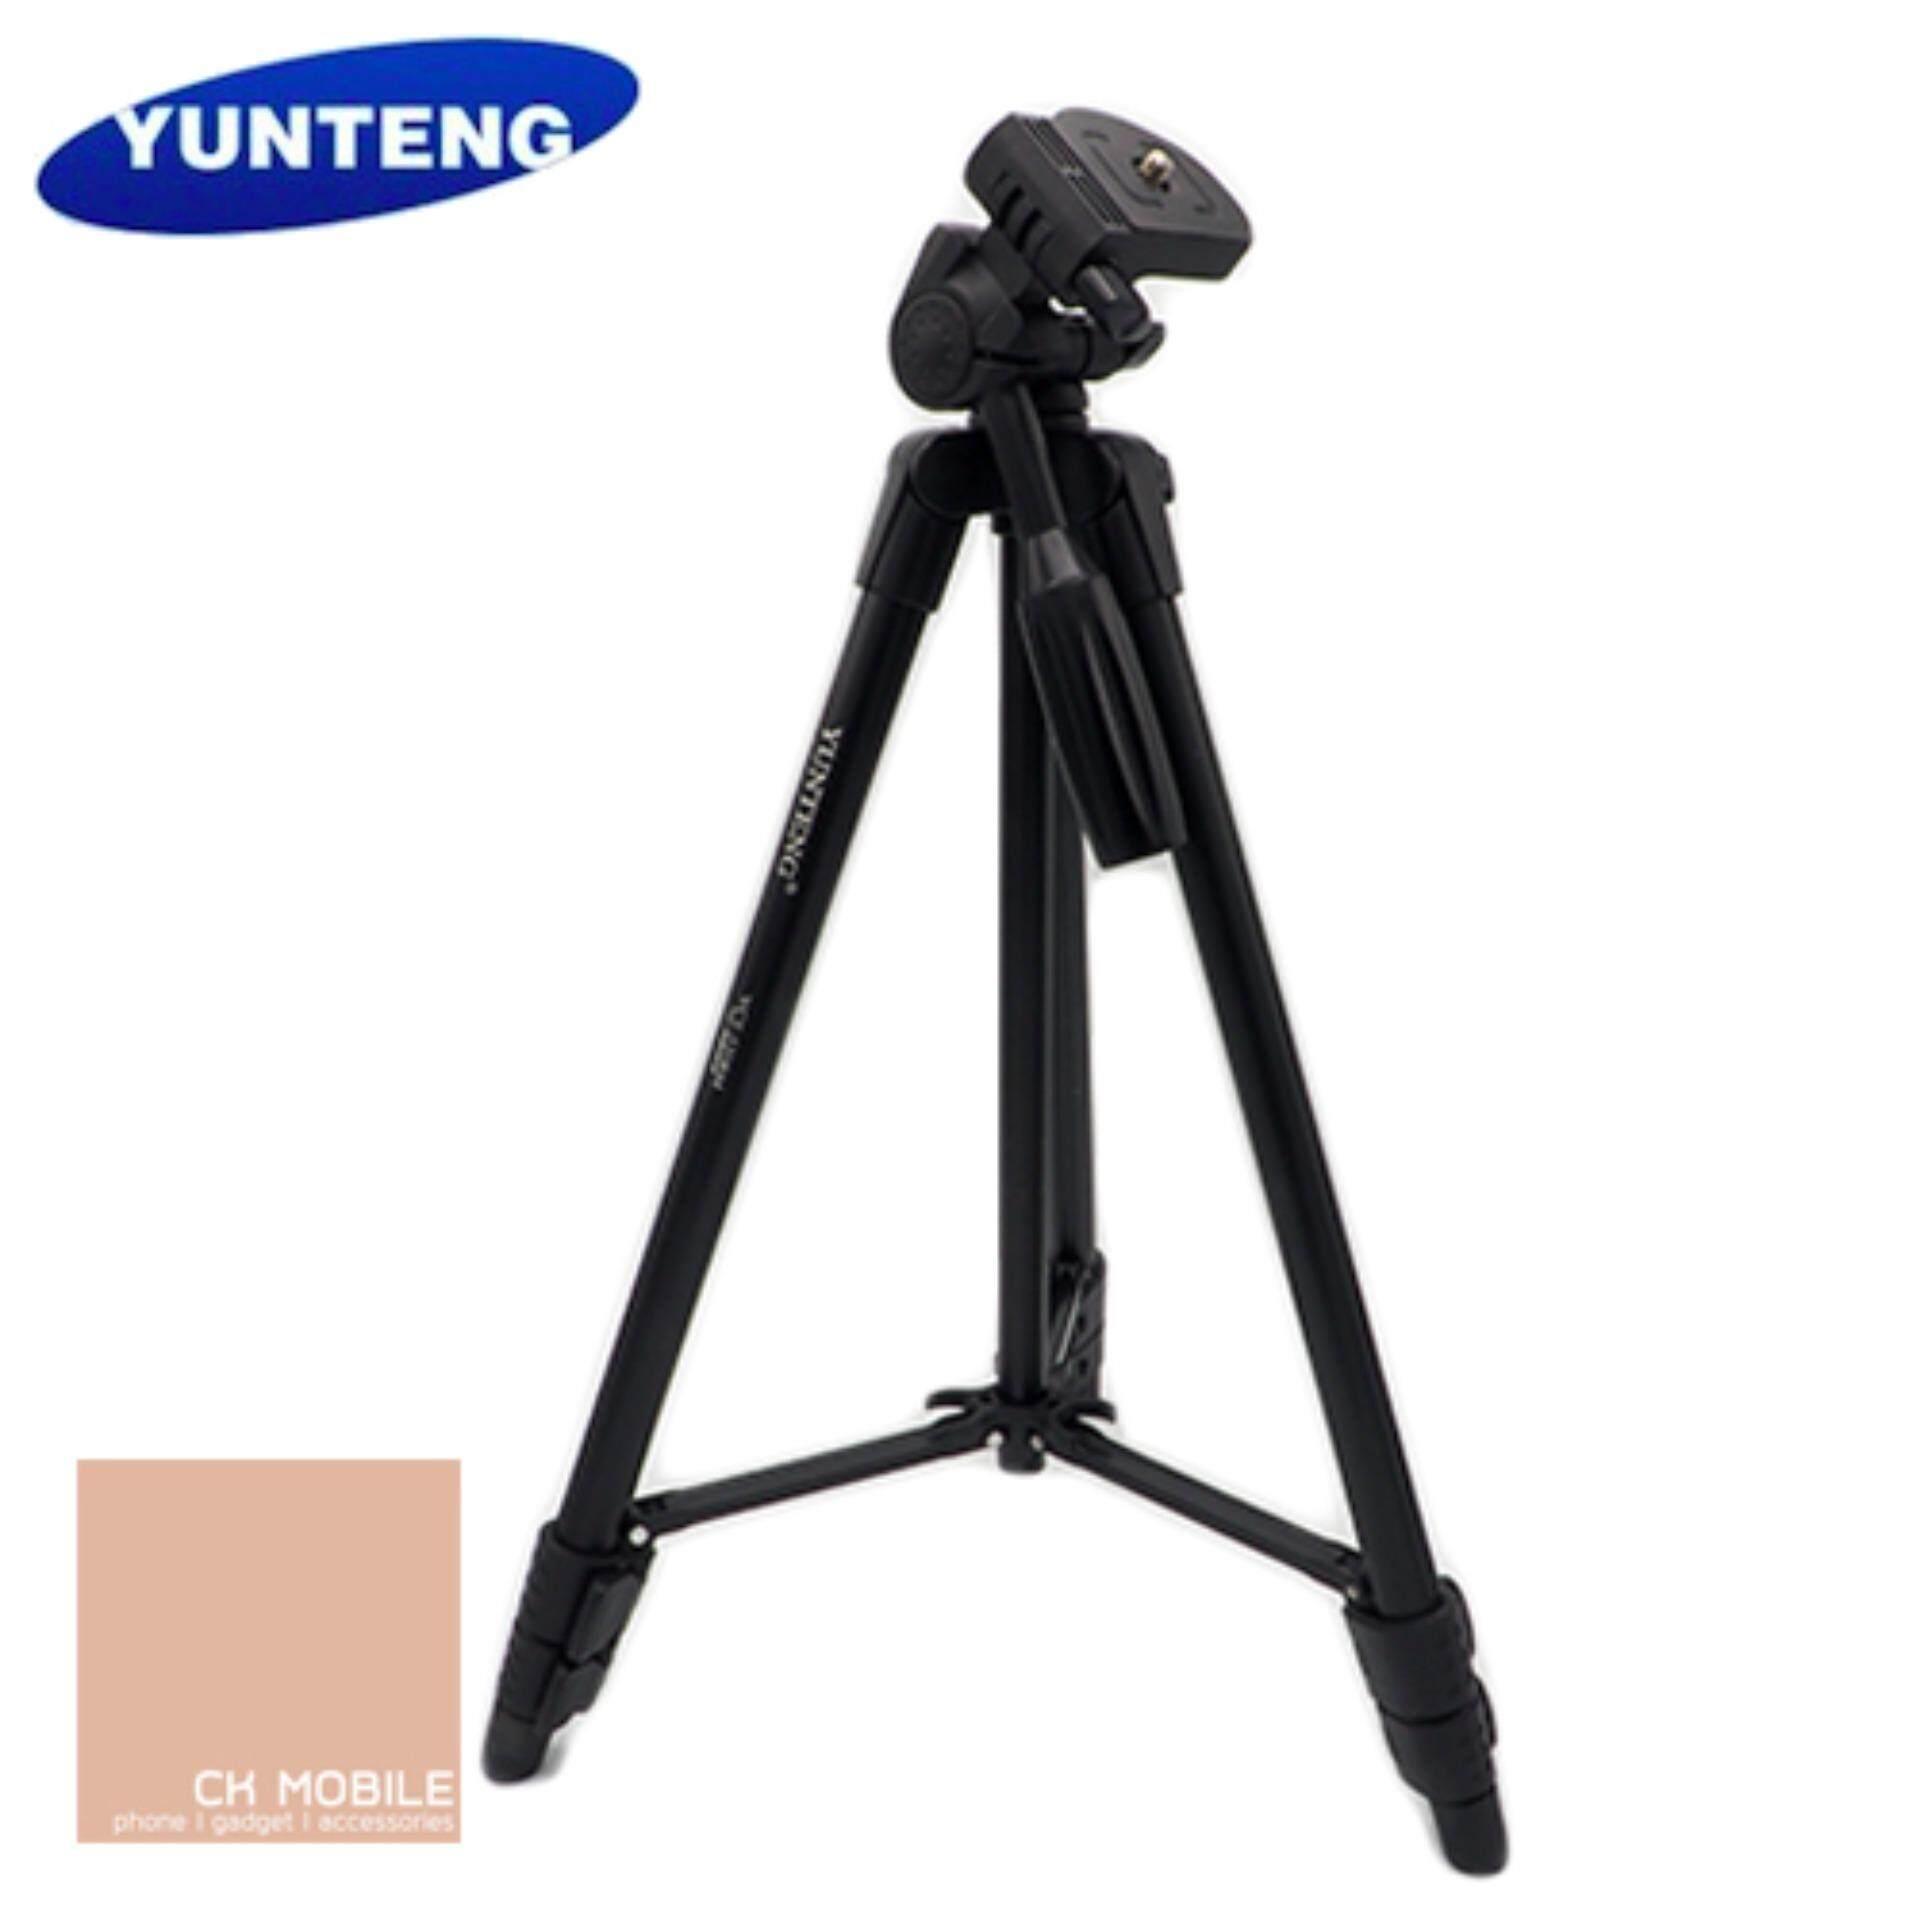 ขาตั้งกล้อง Yunteng รุ่น VCT-520 (สีดำ)